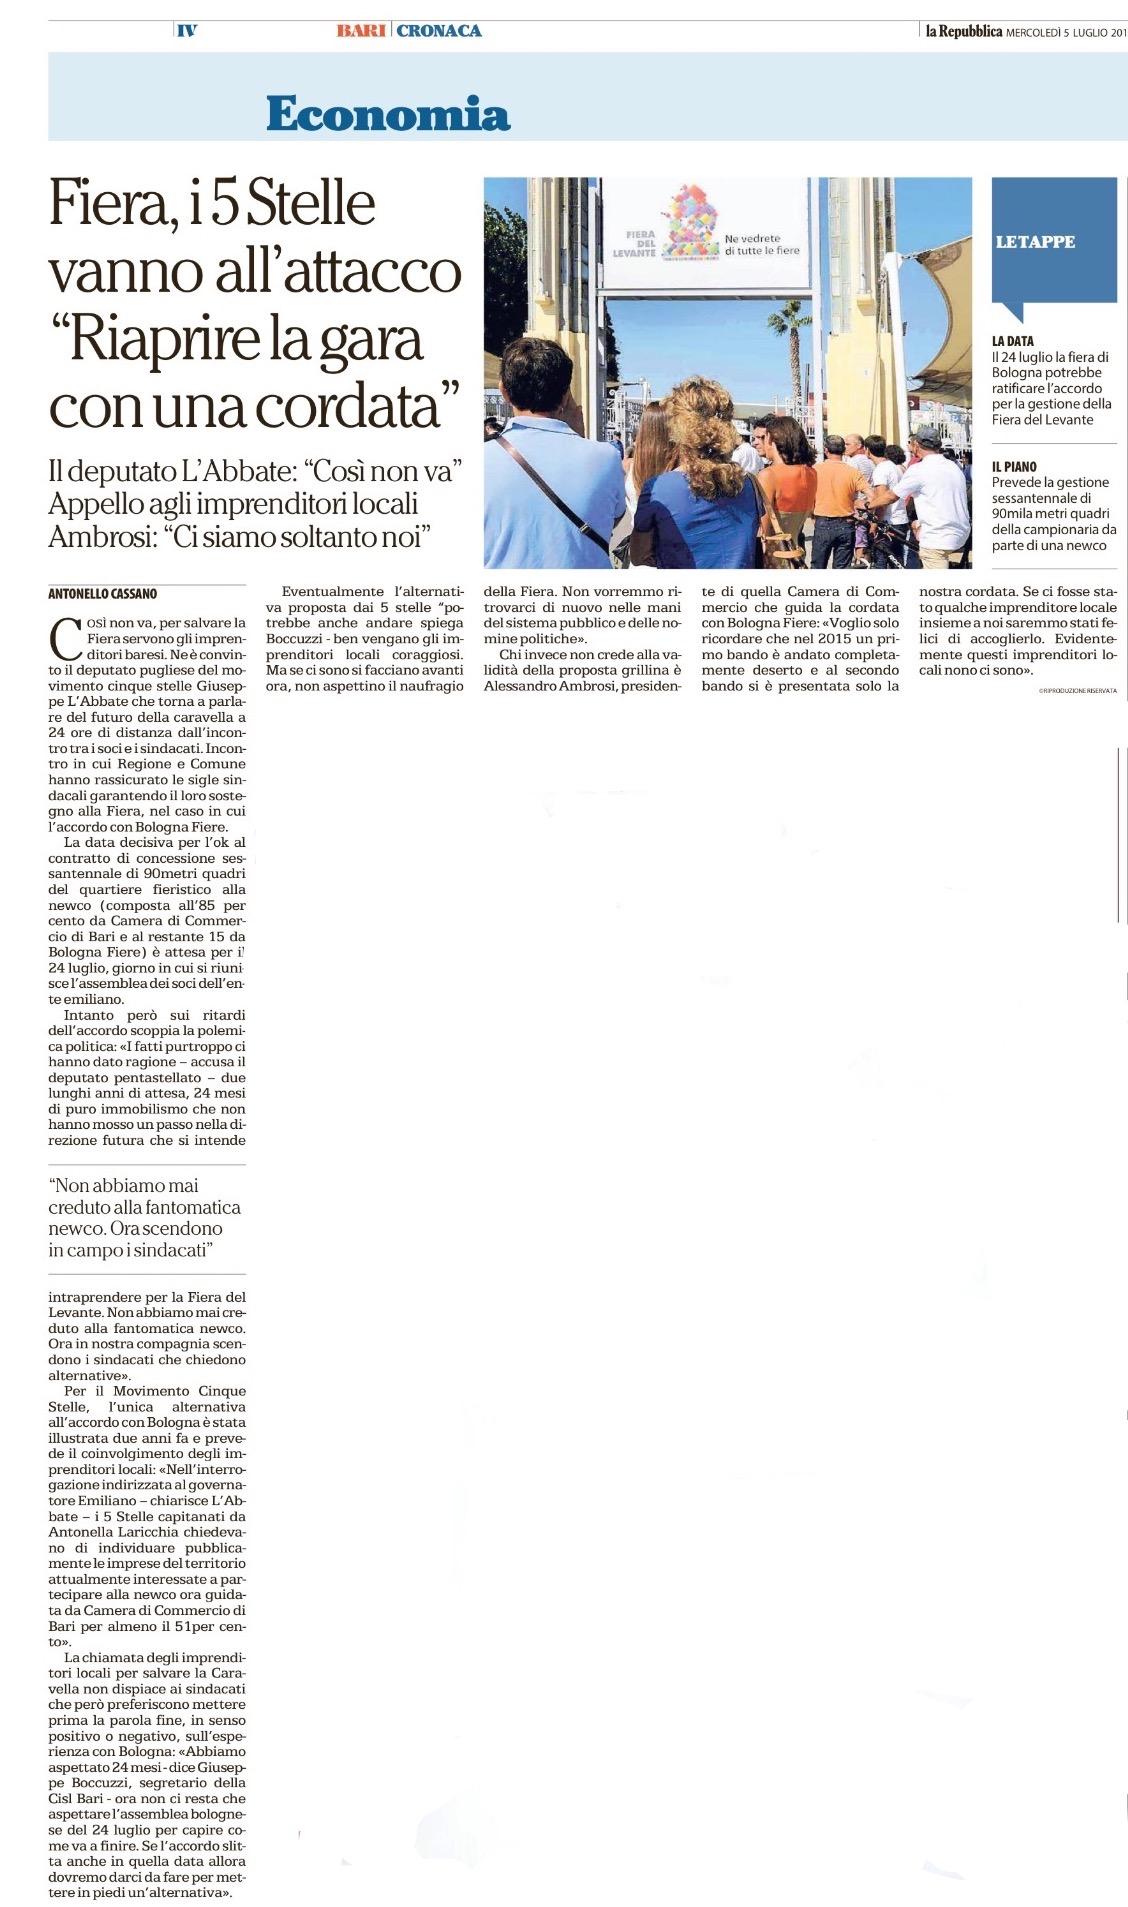 La Repubblica Bari - 05.07.2017